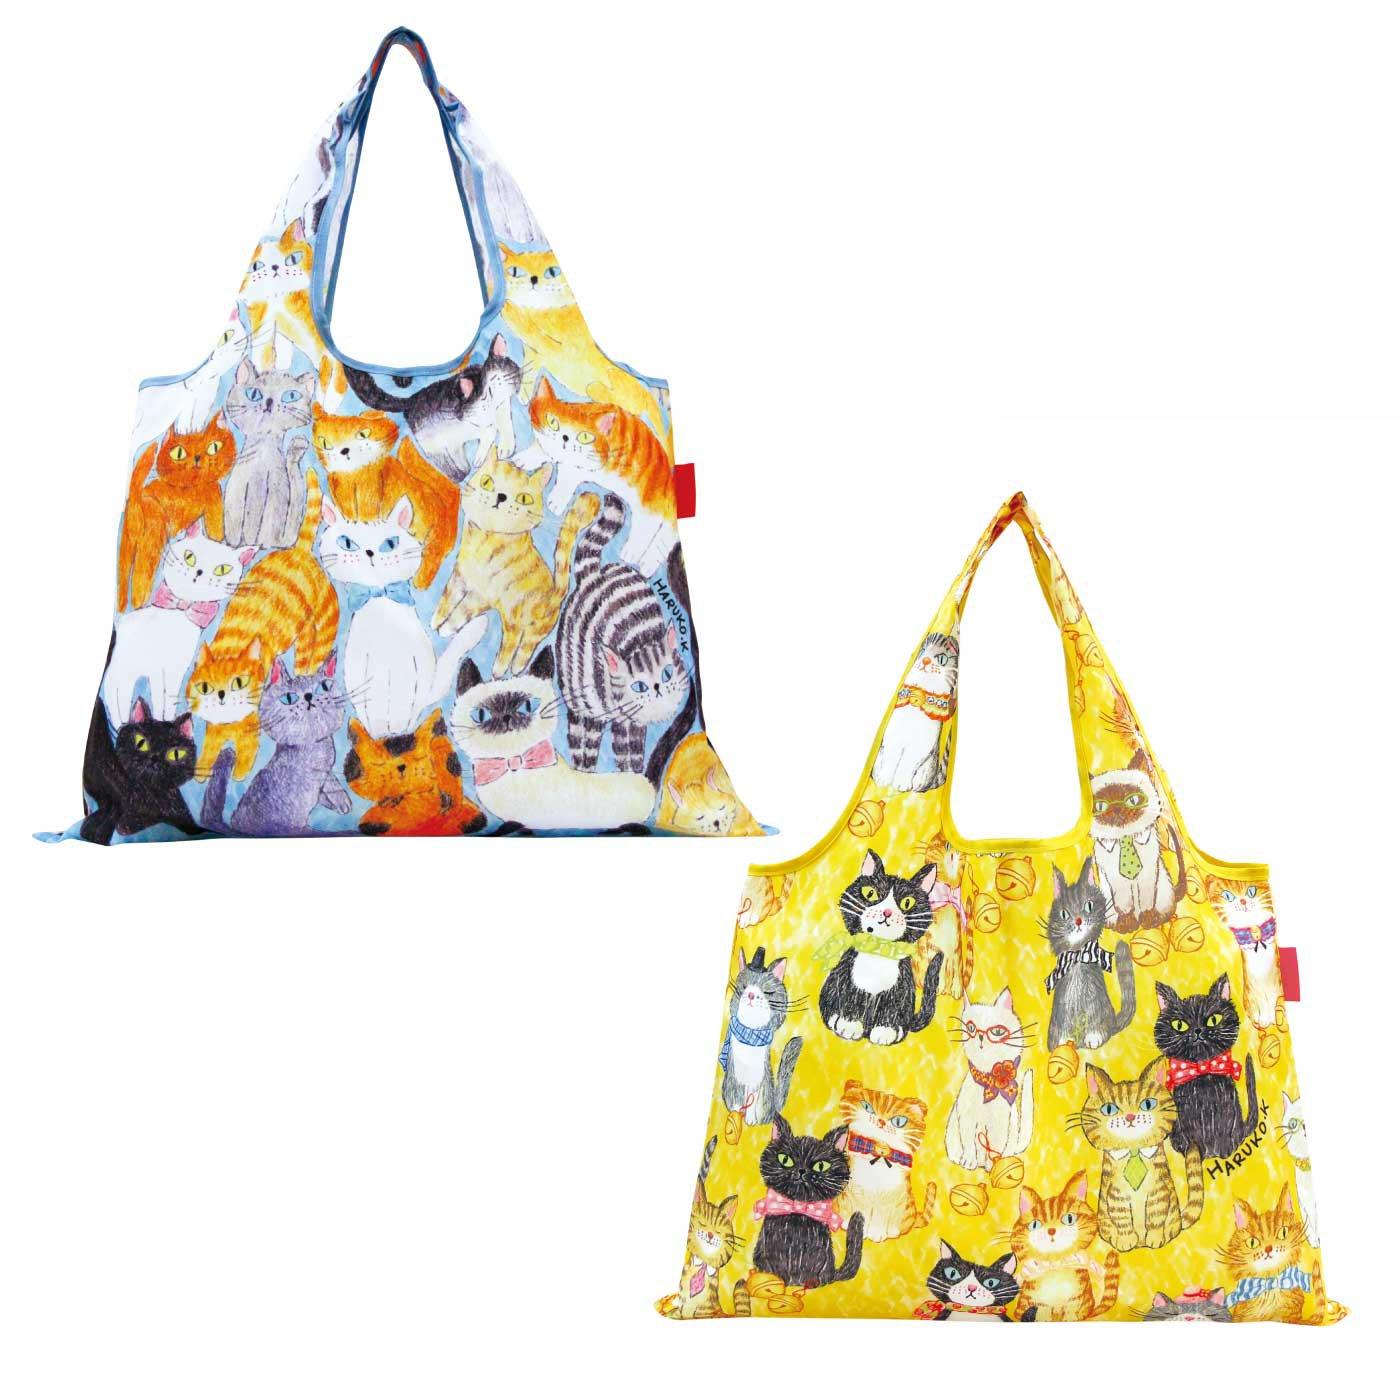 デザイナーズ コレクション 2wayショッピングバッグ 北村ハルコ